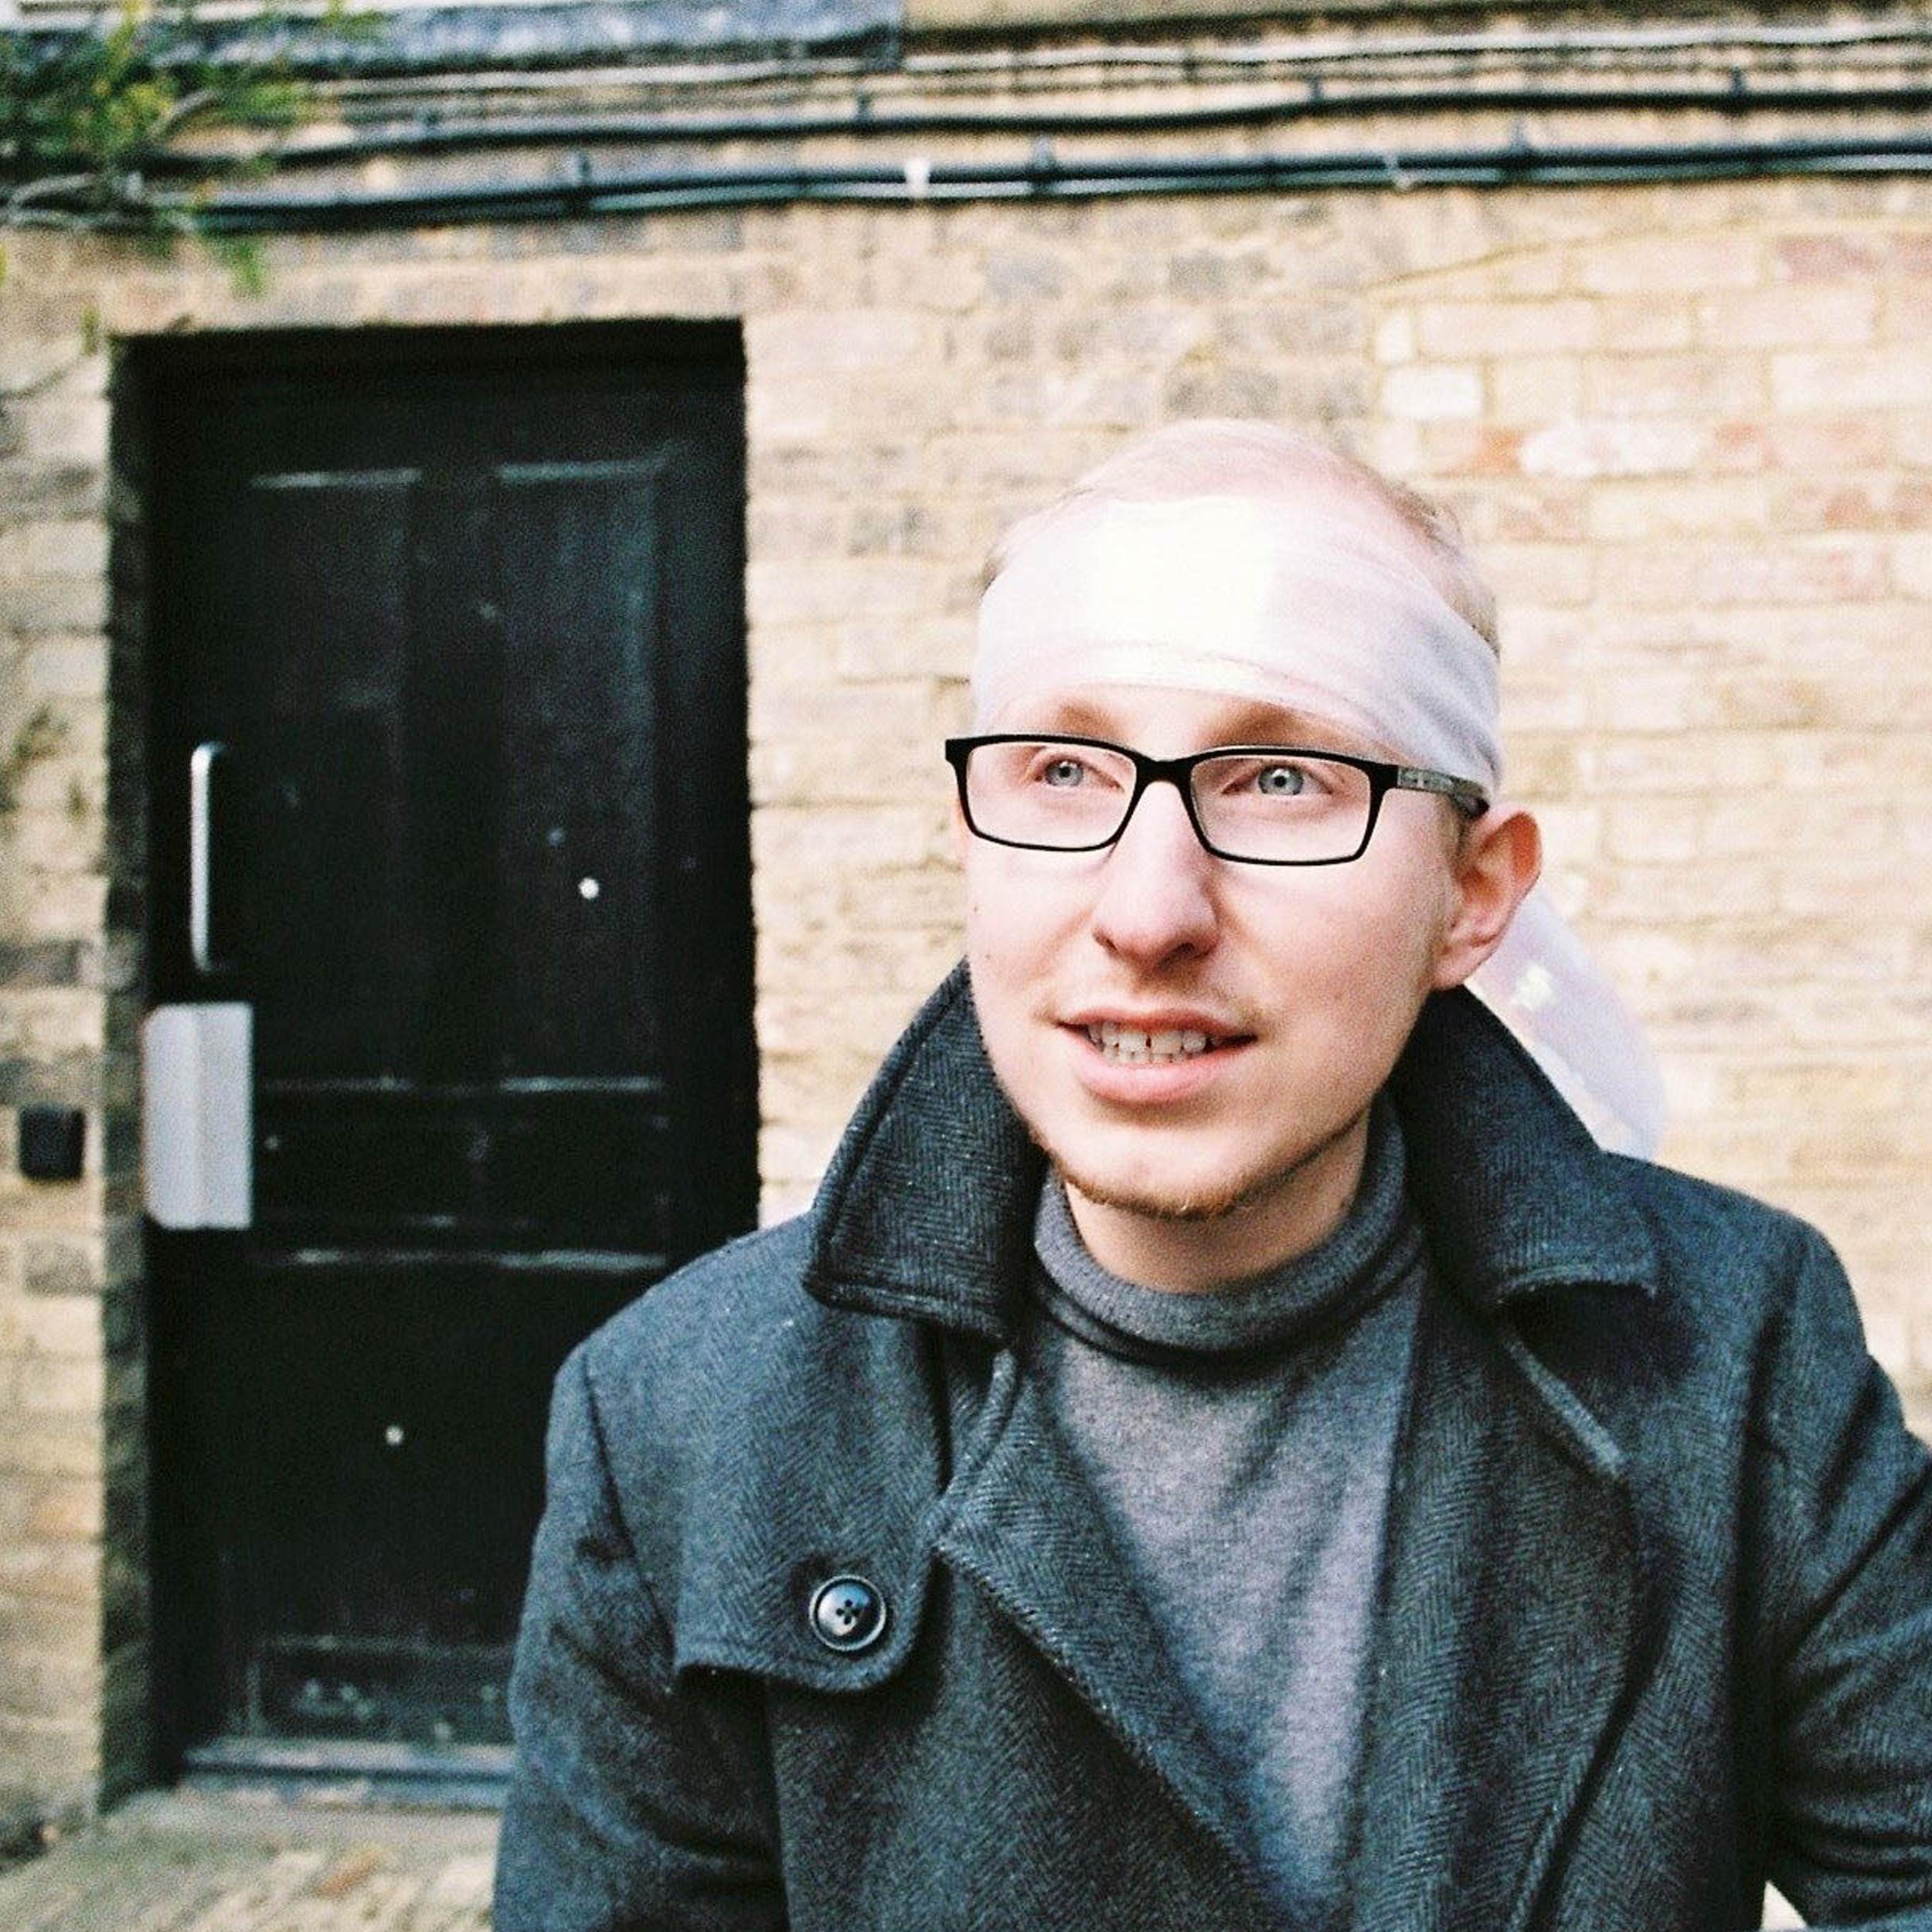 Oliver Baldock | +44 (0)7975753101 | www.oliverbaldock.com